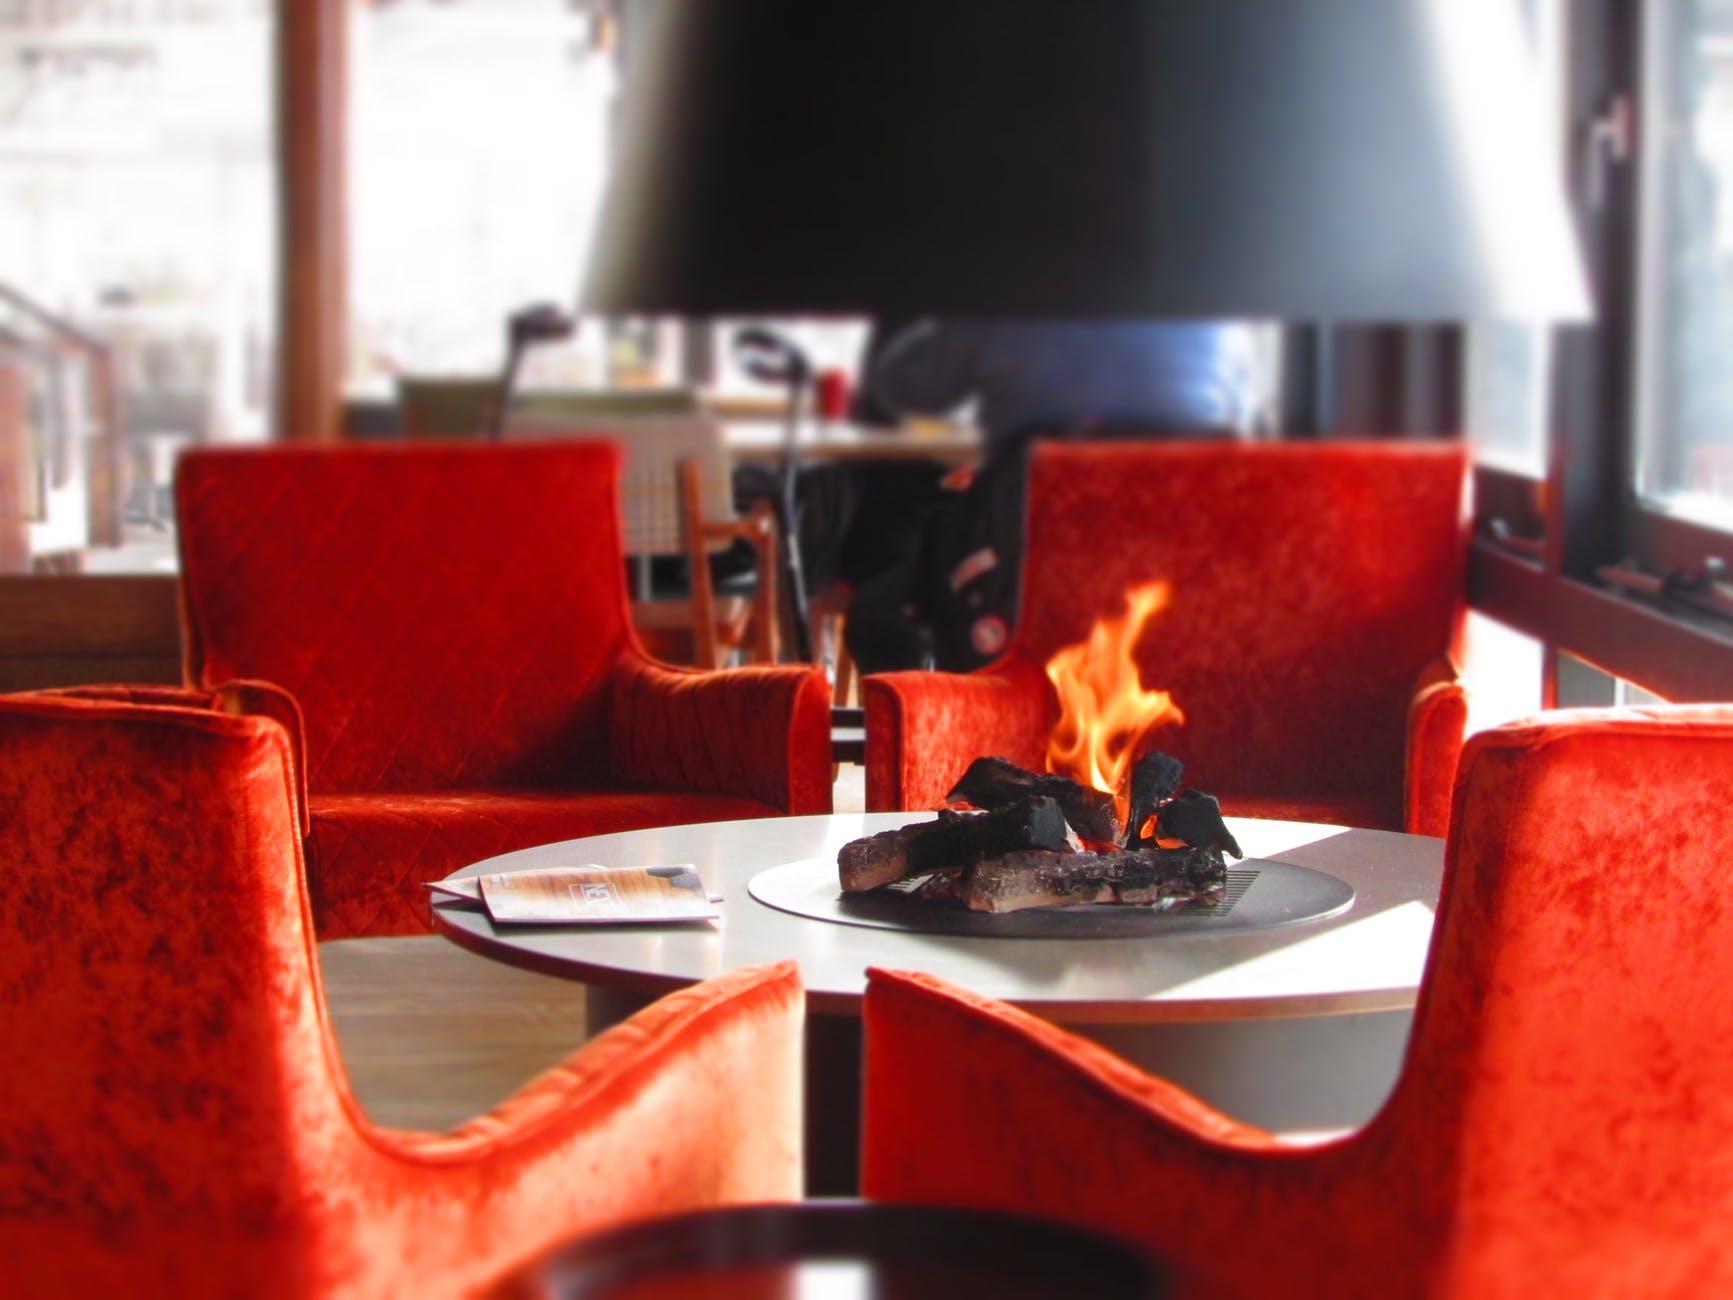 Café • Hôtel • Restaurant,  par Béatrice ELISABETH, Décoratrice UFDI à Neuilly et Paris